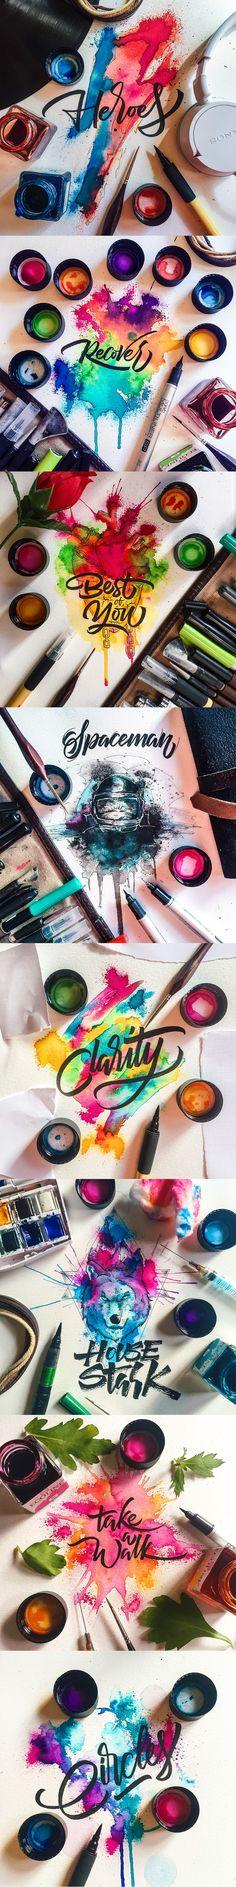 Olivia Puckett letras con fondos de colores